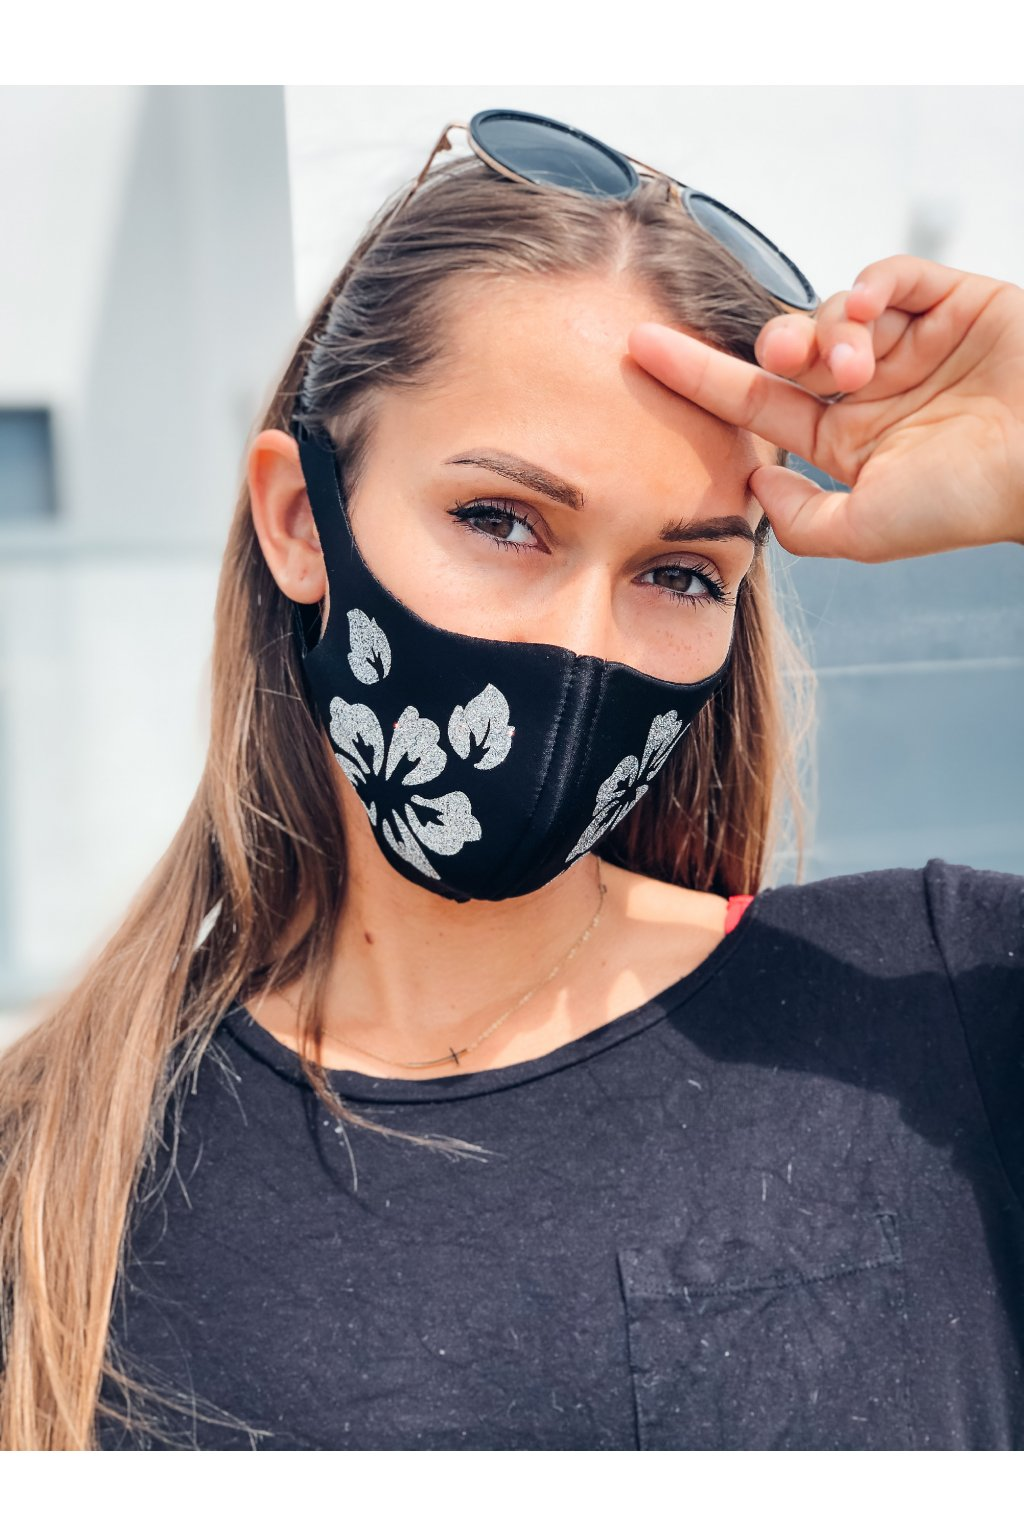 stylova rouska se trpytkami flowers black eshopat cz 1